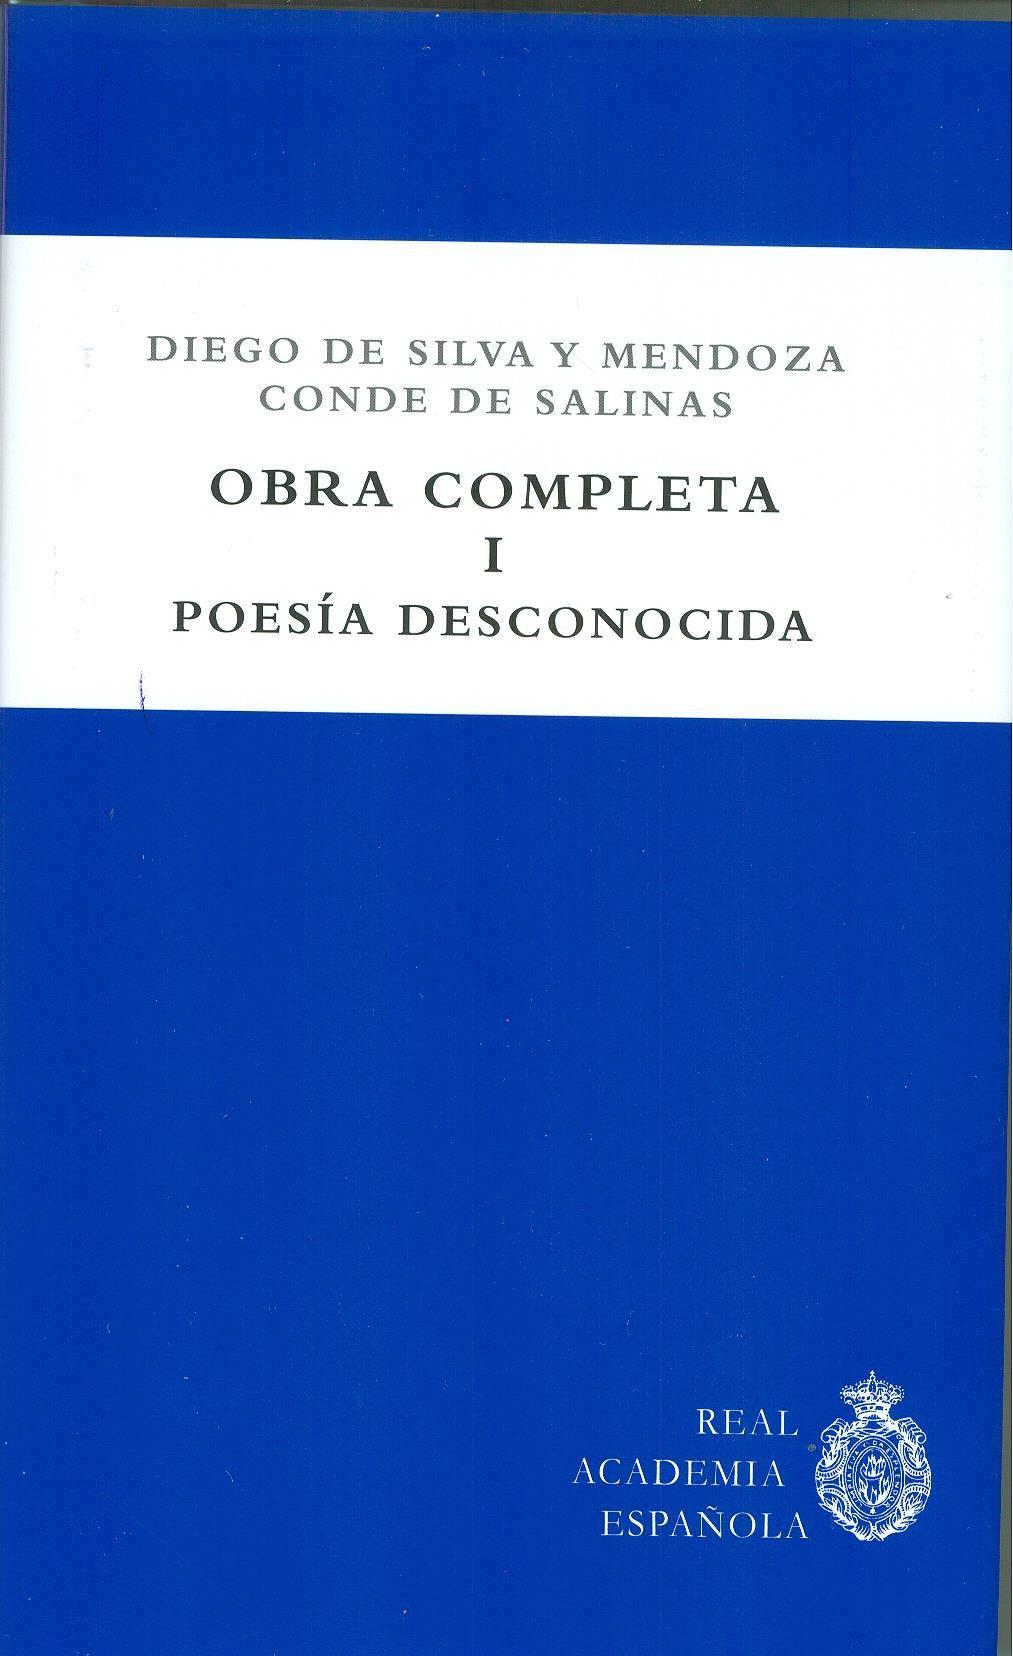 Título: DIEGO DE SILVA Y MENDOZA, CONDE DE SALINAS. OBRA COMPLETA I. POESÍA DESCONOCIDA Autores: DE SILVA Y MENDOZA, DIEGO  +info: (pinchando foto se accede a la página de EdUVa)